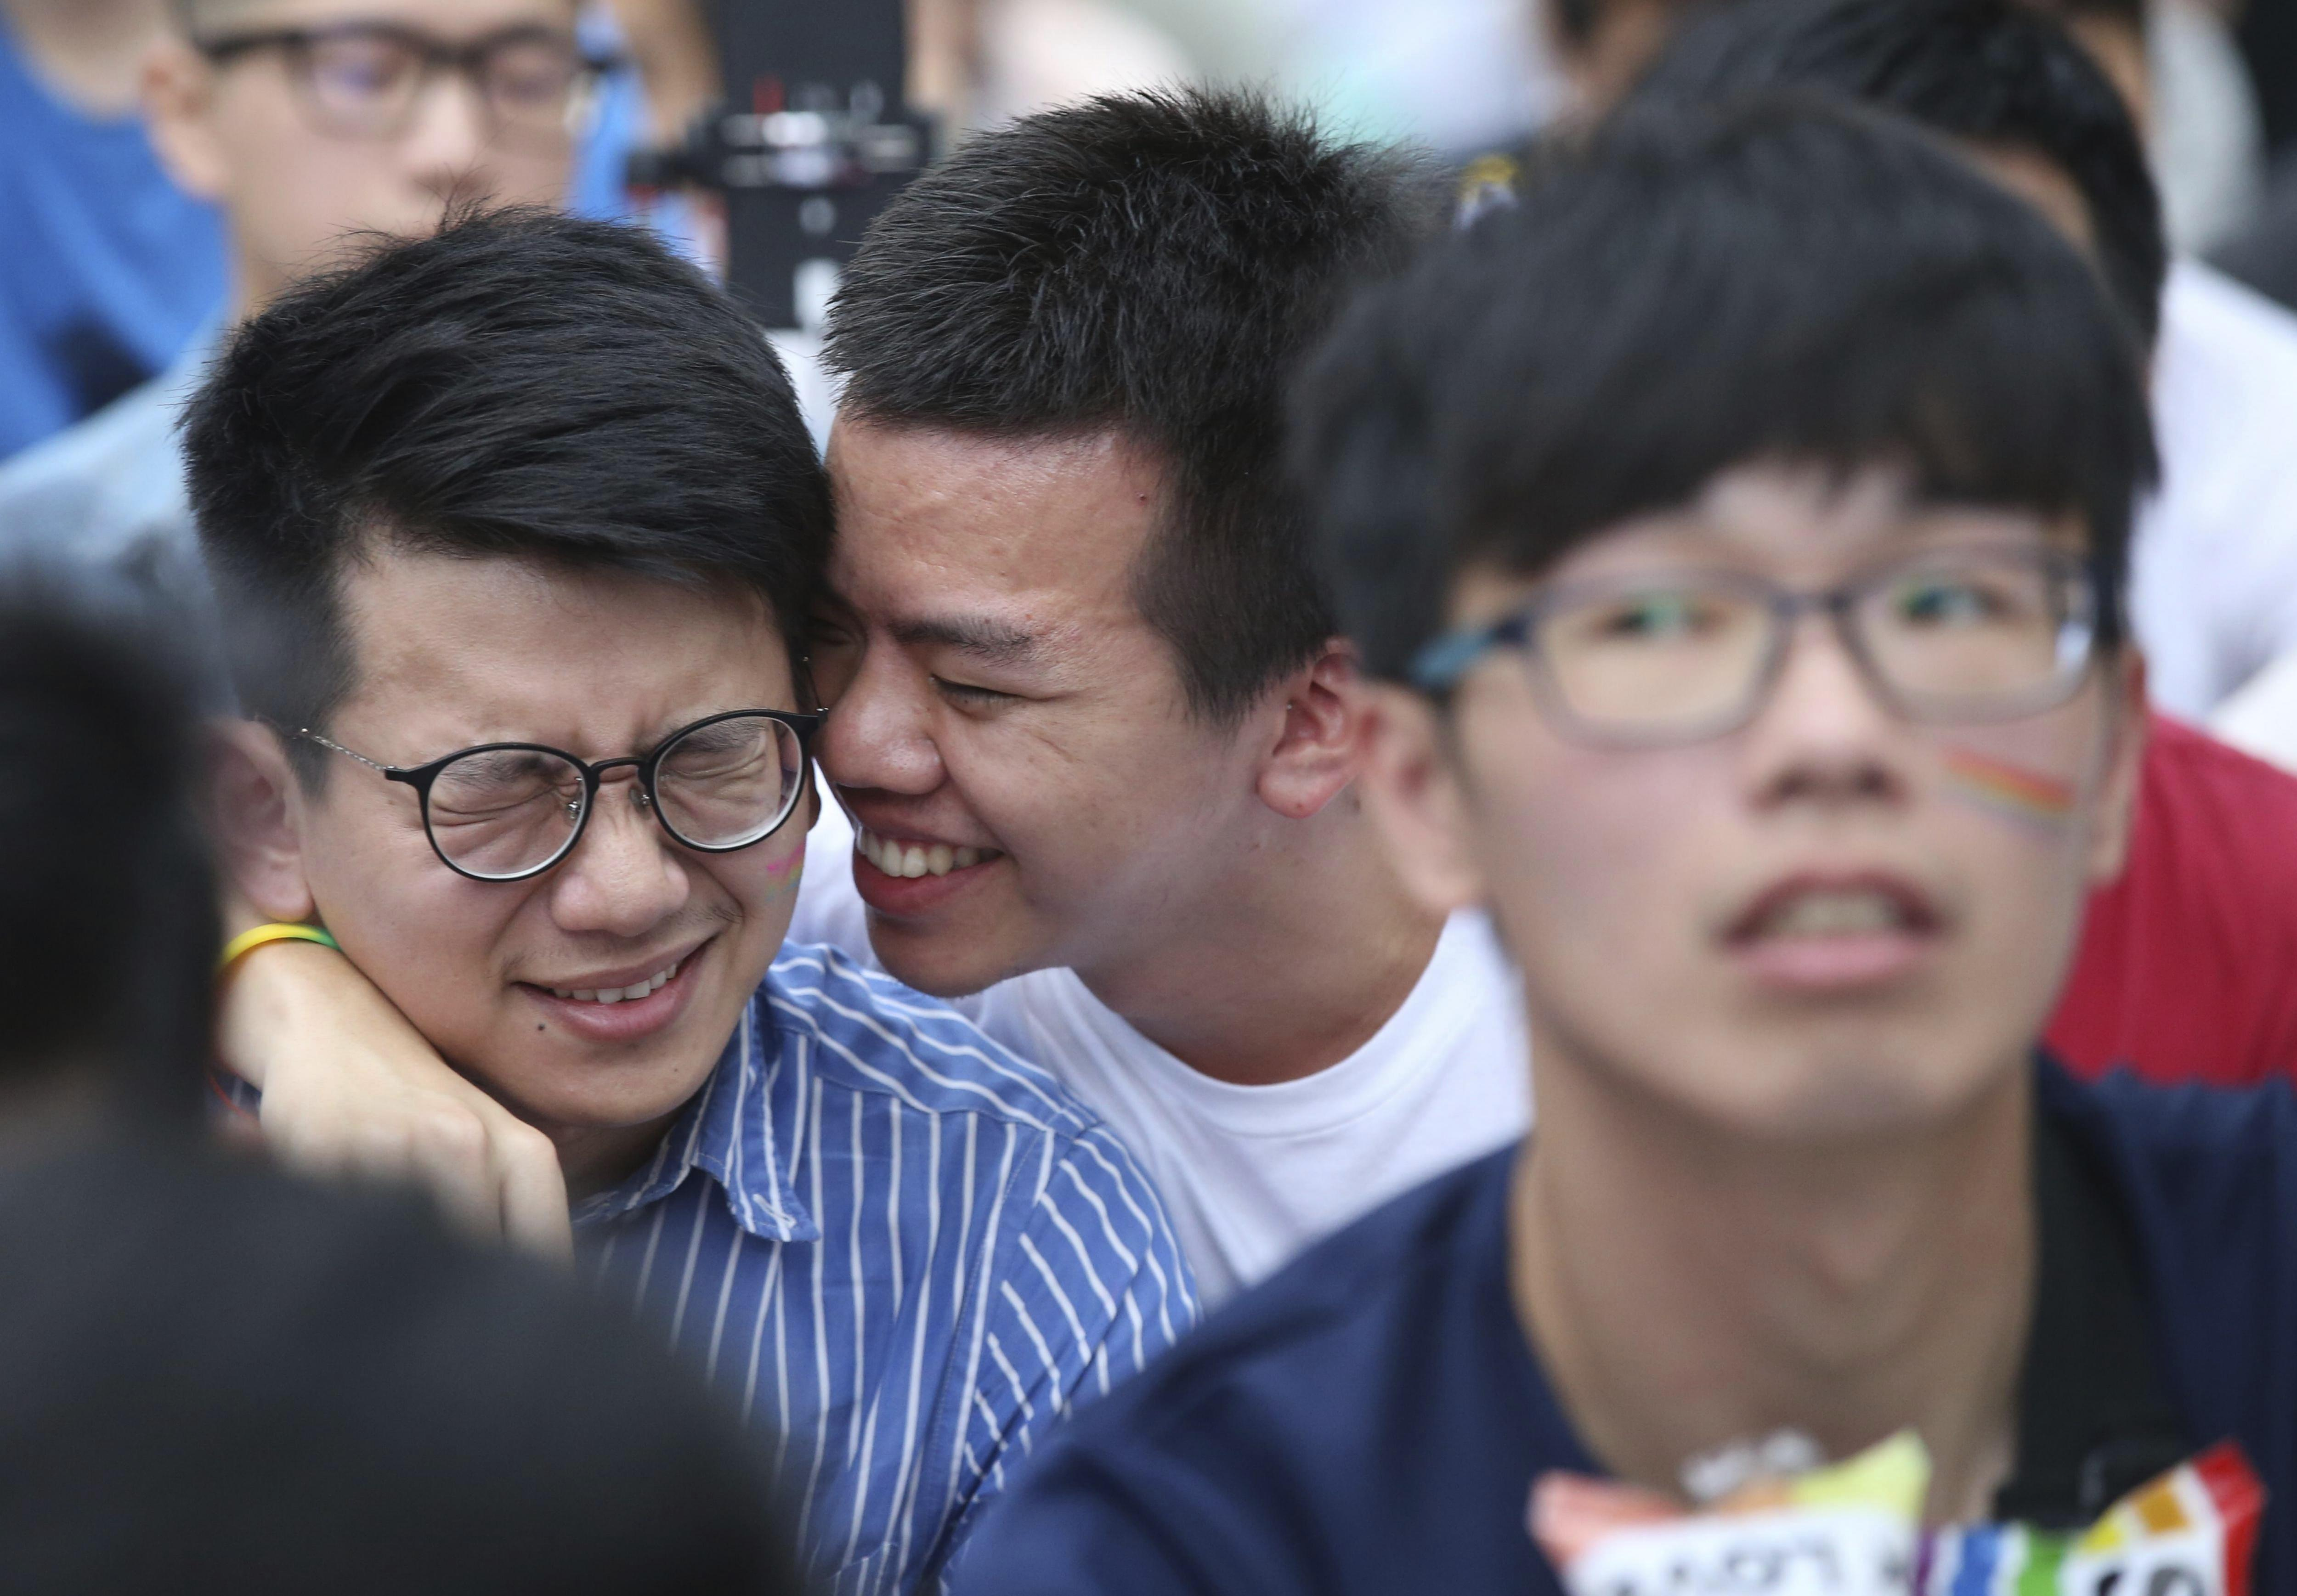 Dos joves celebren la decisió del Tribunal Constitucional sobre el matrimoni entre persones del mateix sexe davant el Parlament de Taipei (Taiwan). /RITCHIE B. TONGO